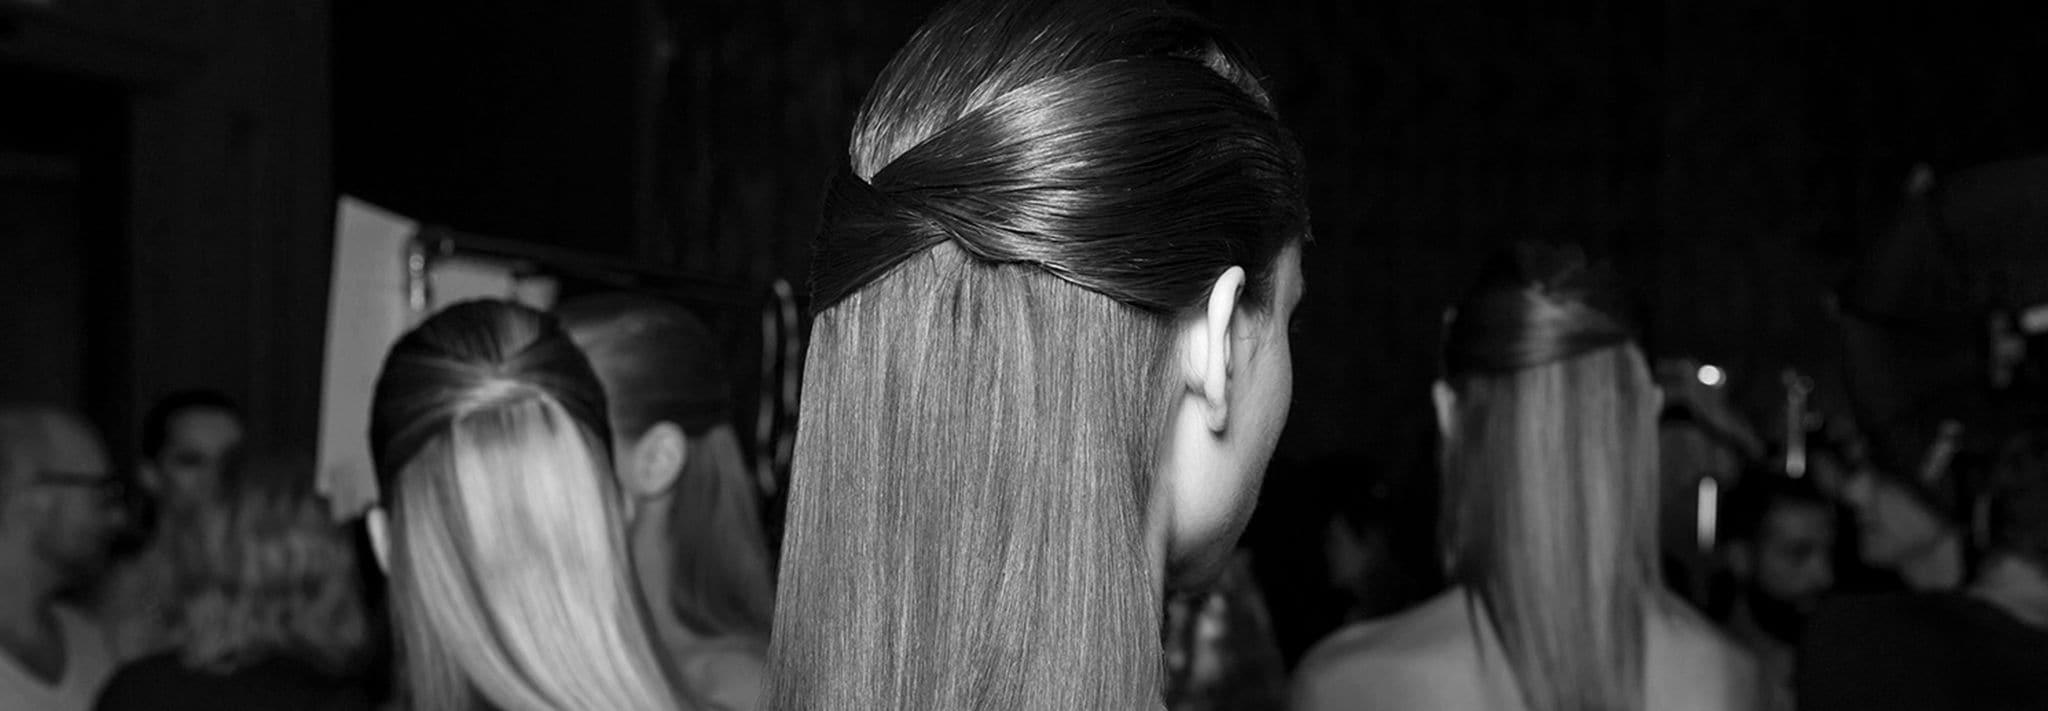 Tampak samping rambut seorang model menggunakan jepit rambut.